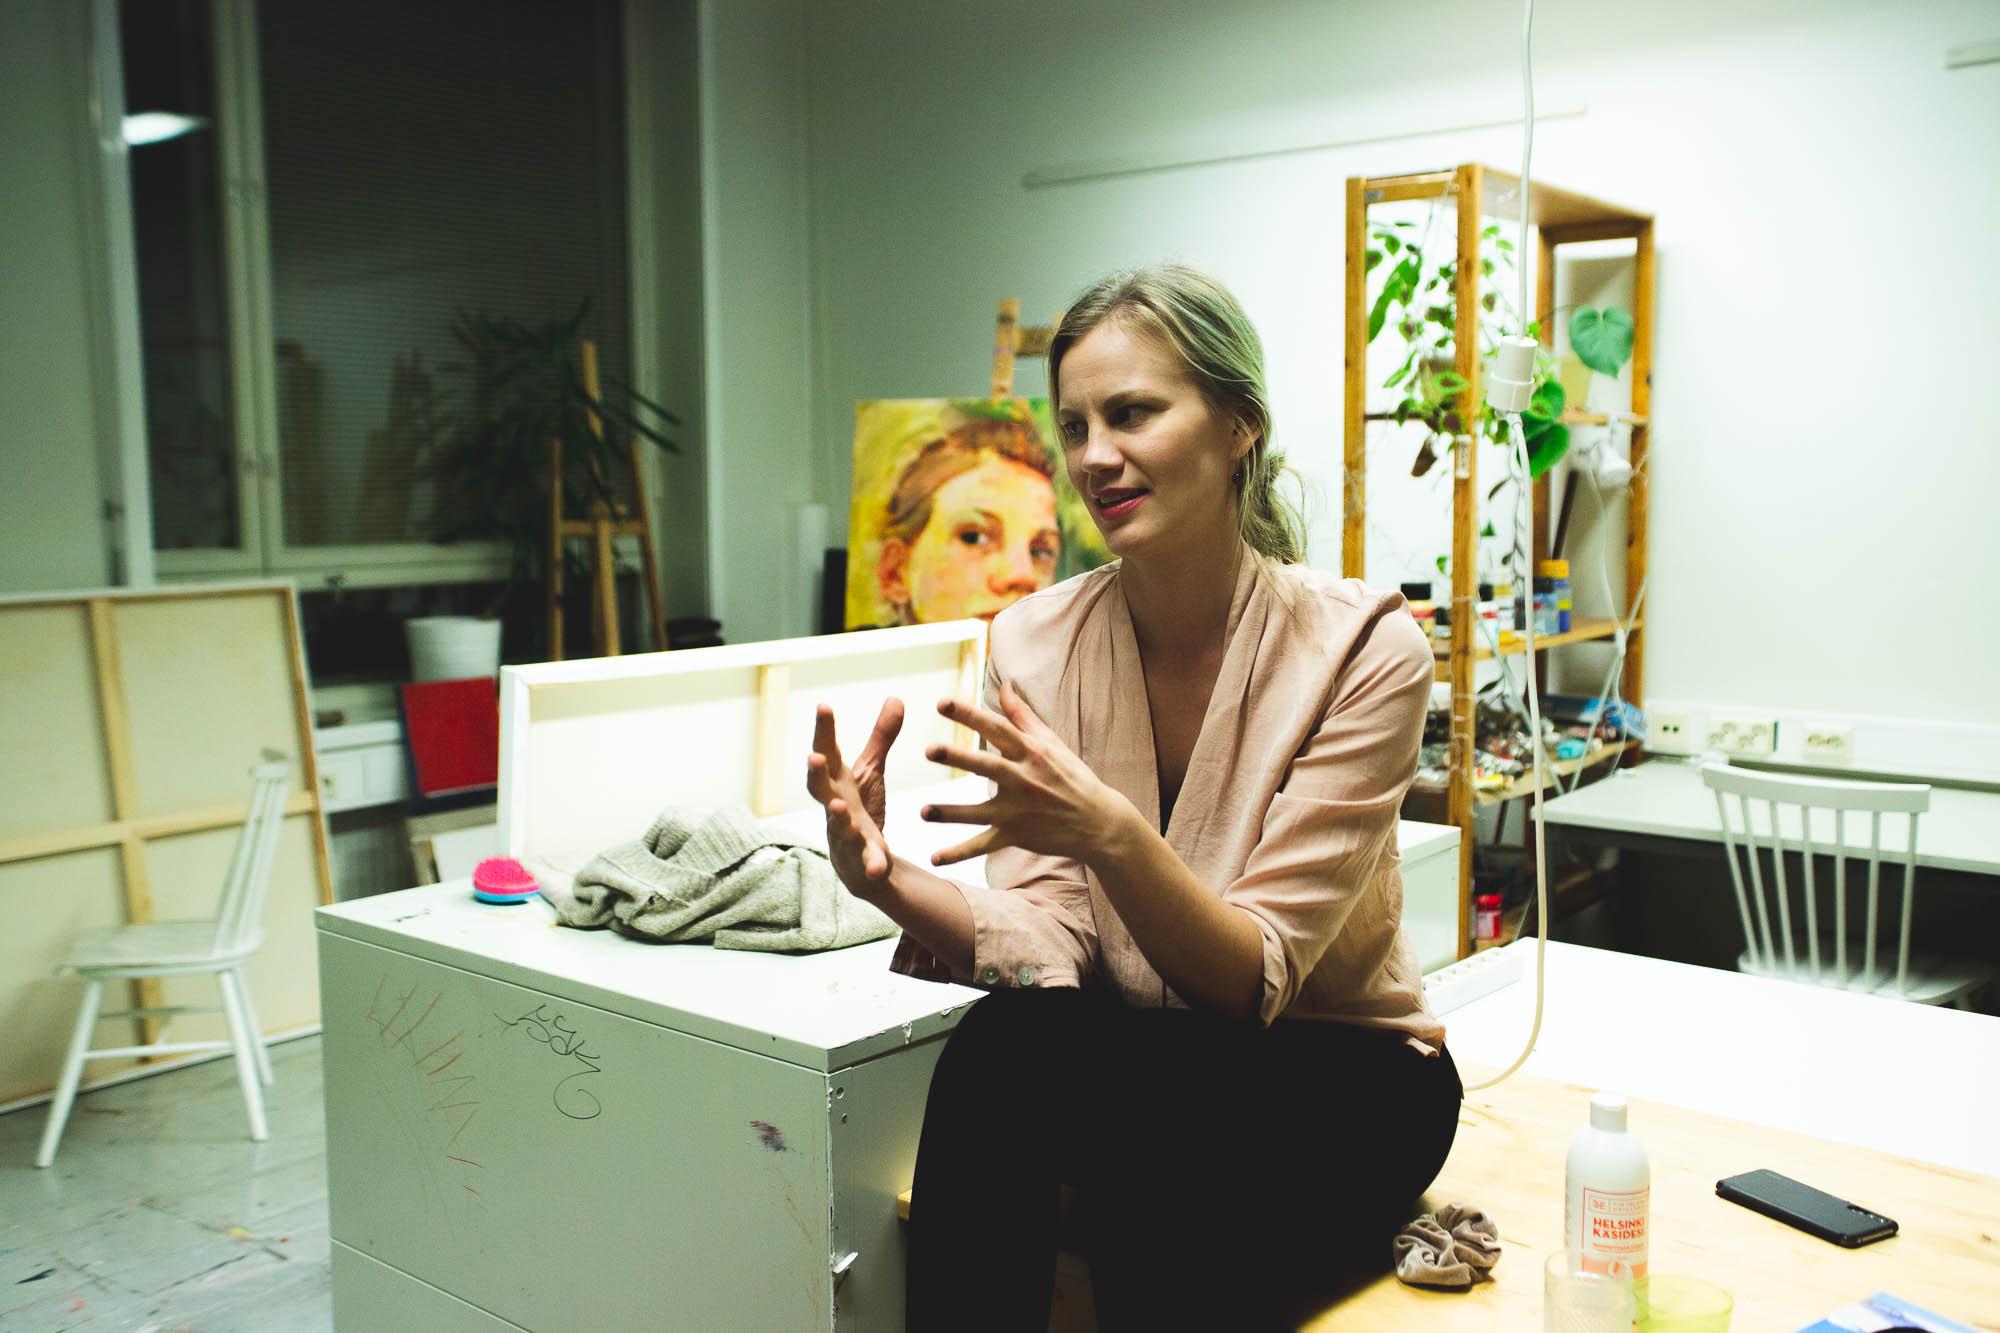 Nainen istuu pöydällä ja selittää käsillään, taustalla taidetarvikkeita avarassa huoneessa.